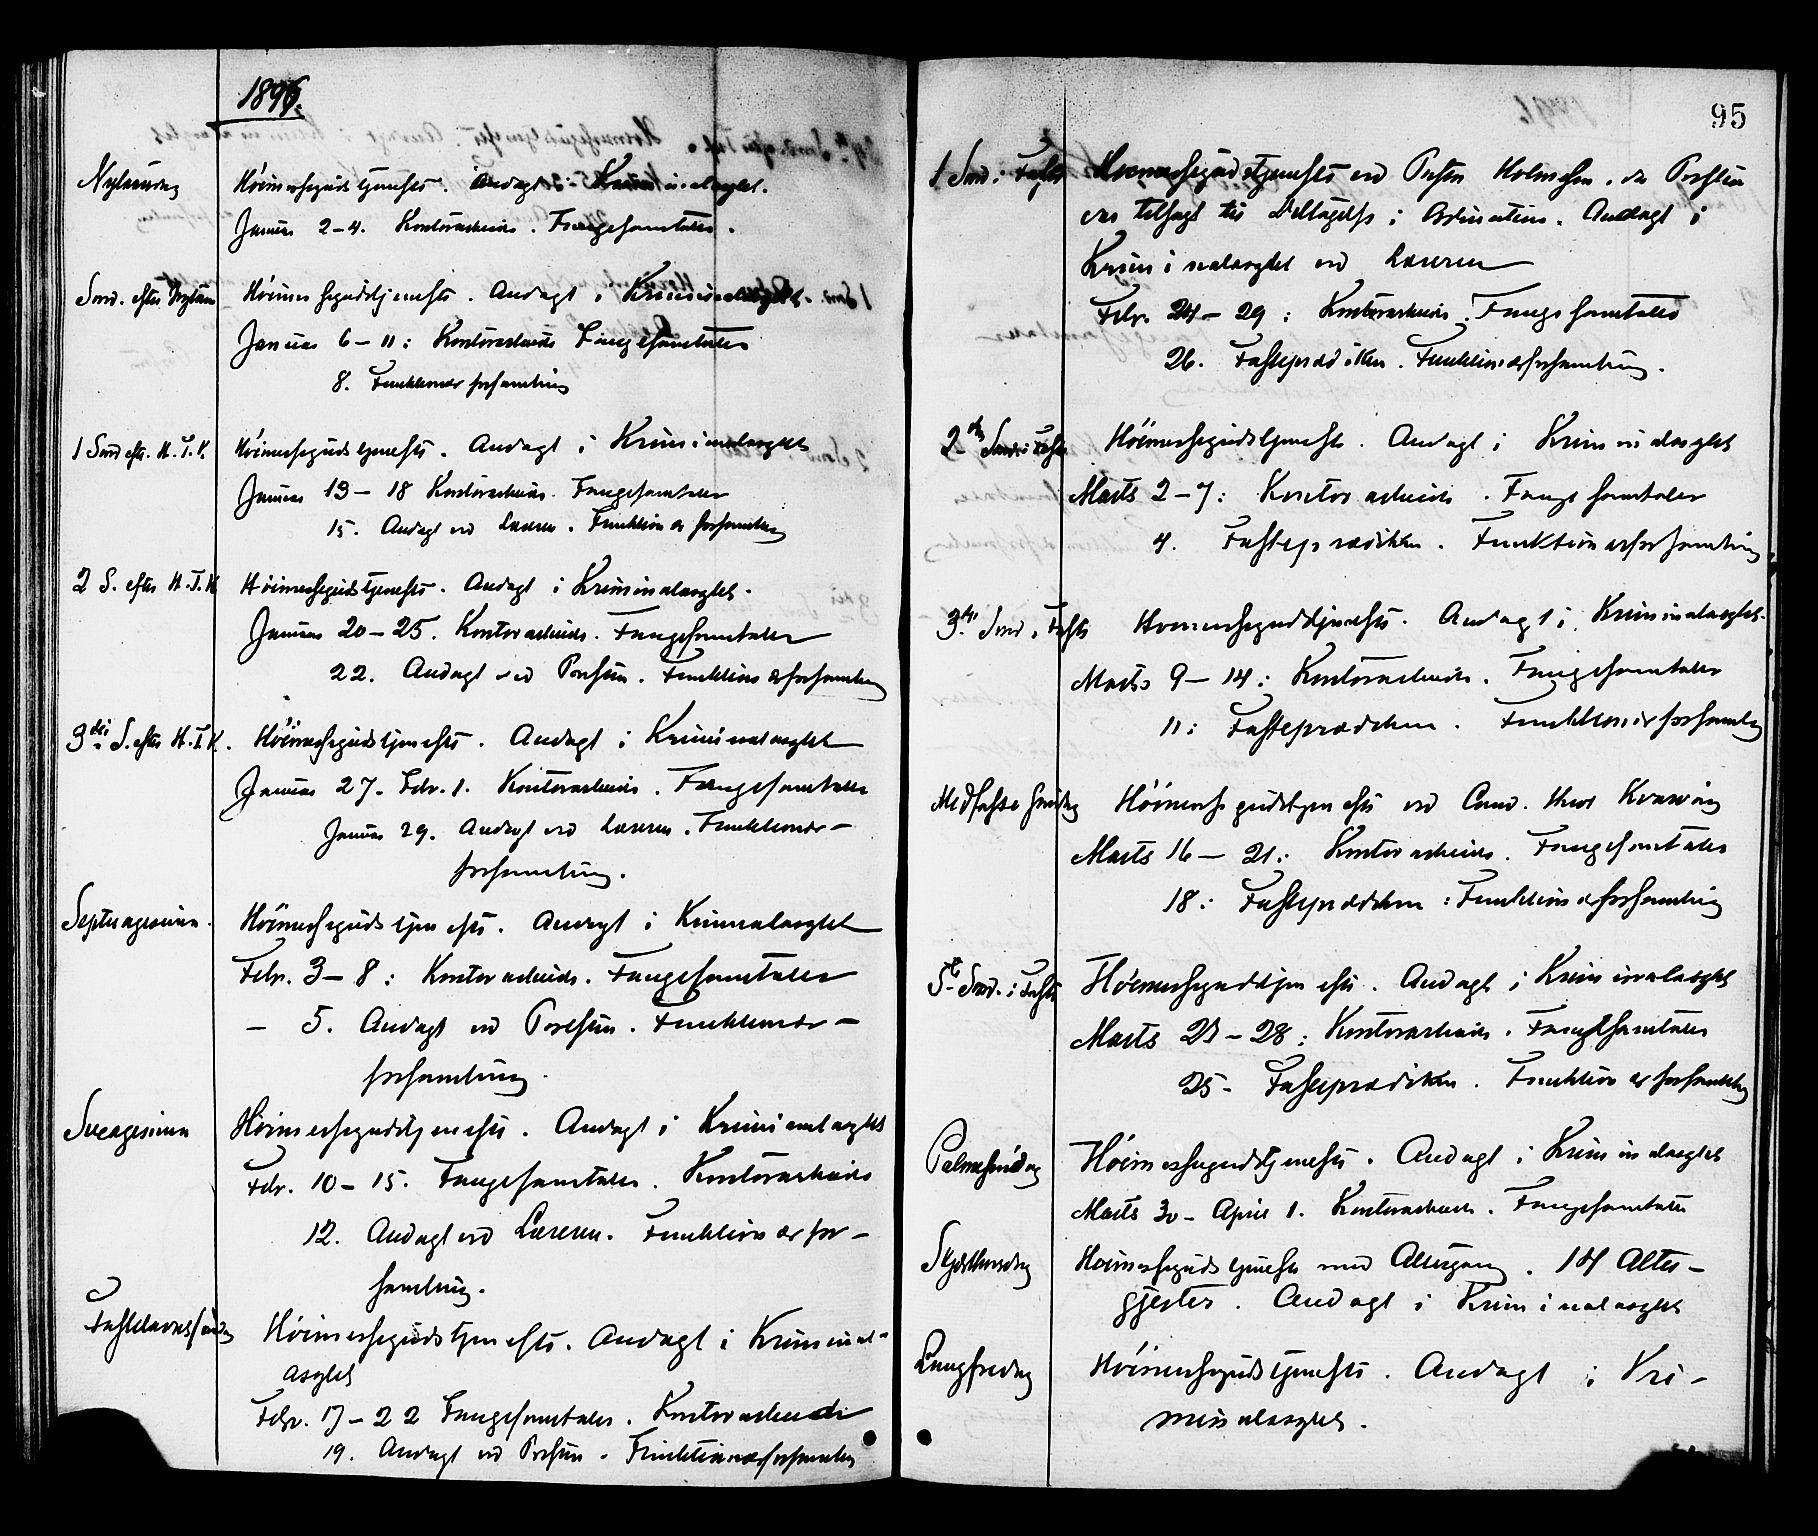 SAT, Ministerialprotokoller, klokkerbøker og fødselsregistre - Sør-Trøndelag, 624/L0482: Ministerialbok nr. 624A03, 1870-1918, s. 95